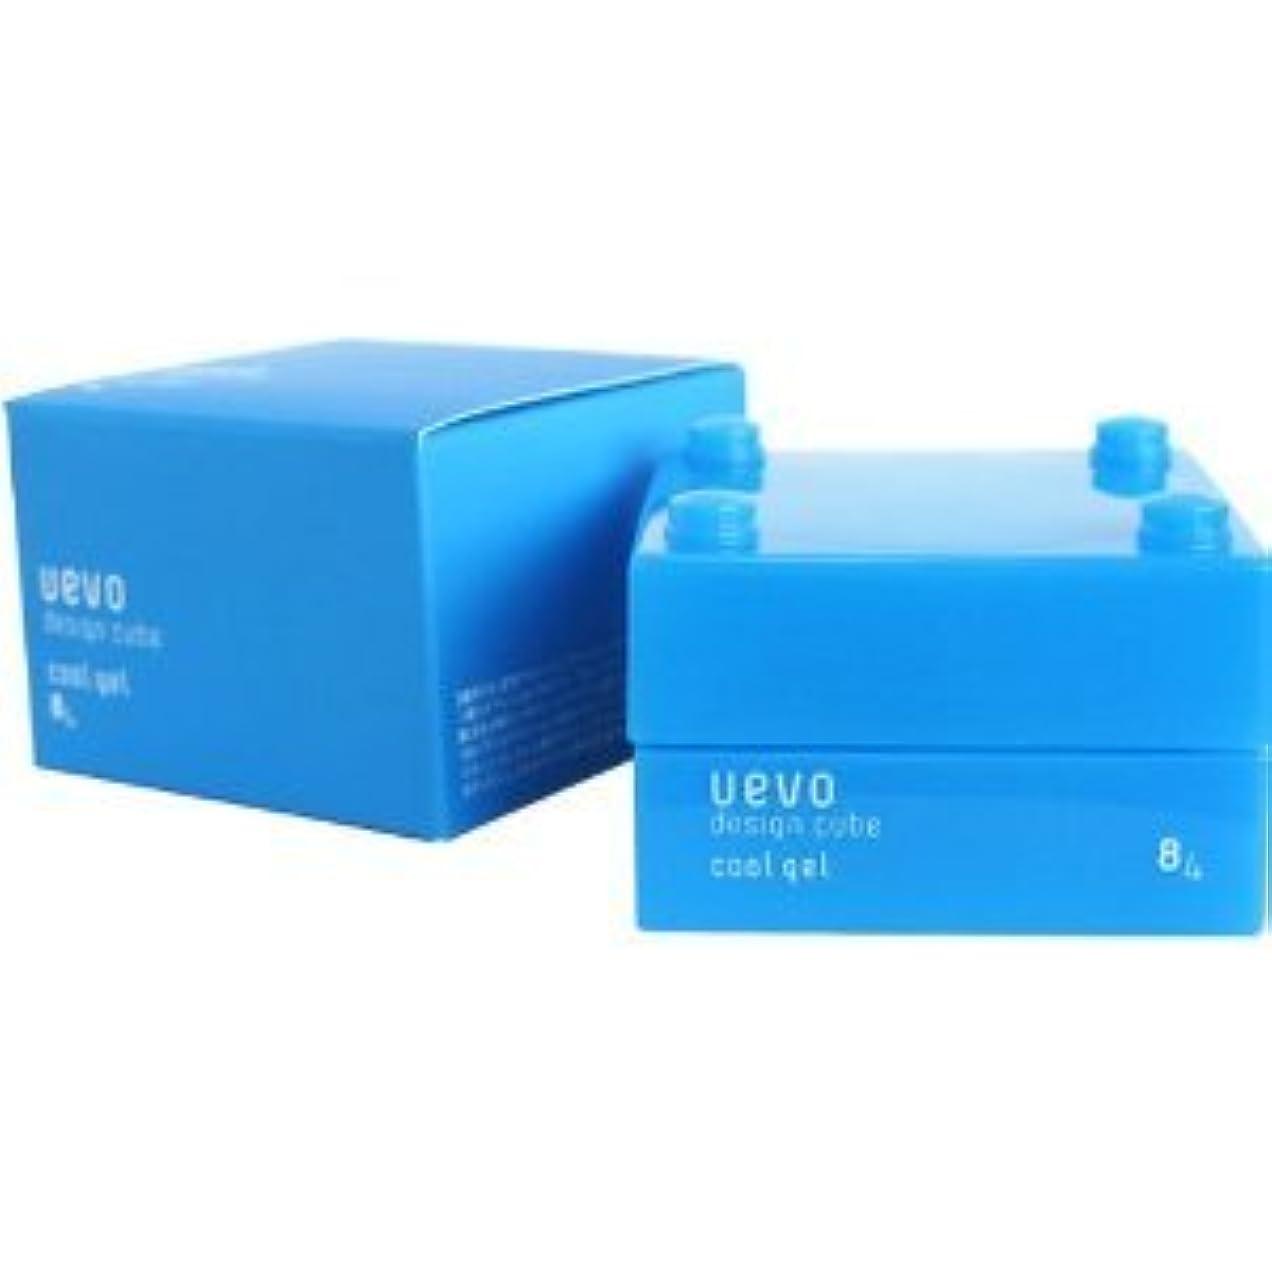 お機関車マルコポーロ【X3個セット】 デミ ウェーボ デザインキューブ クールジェル 30g cool gel DEMI uevo design cube